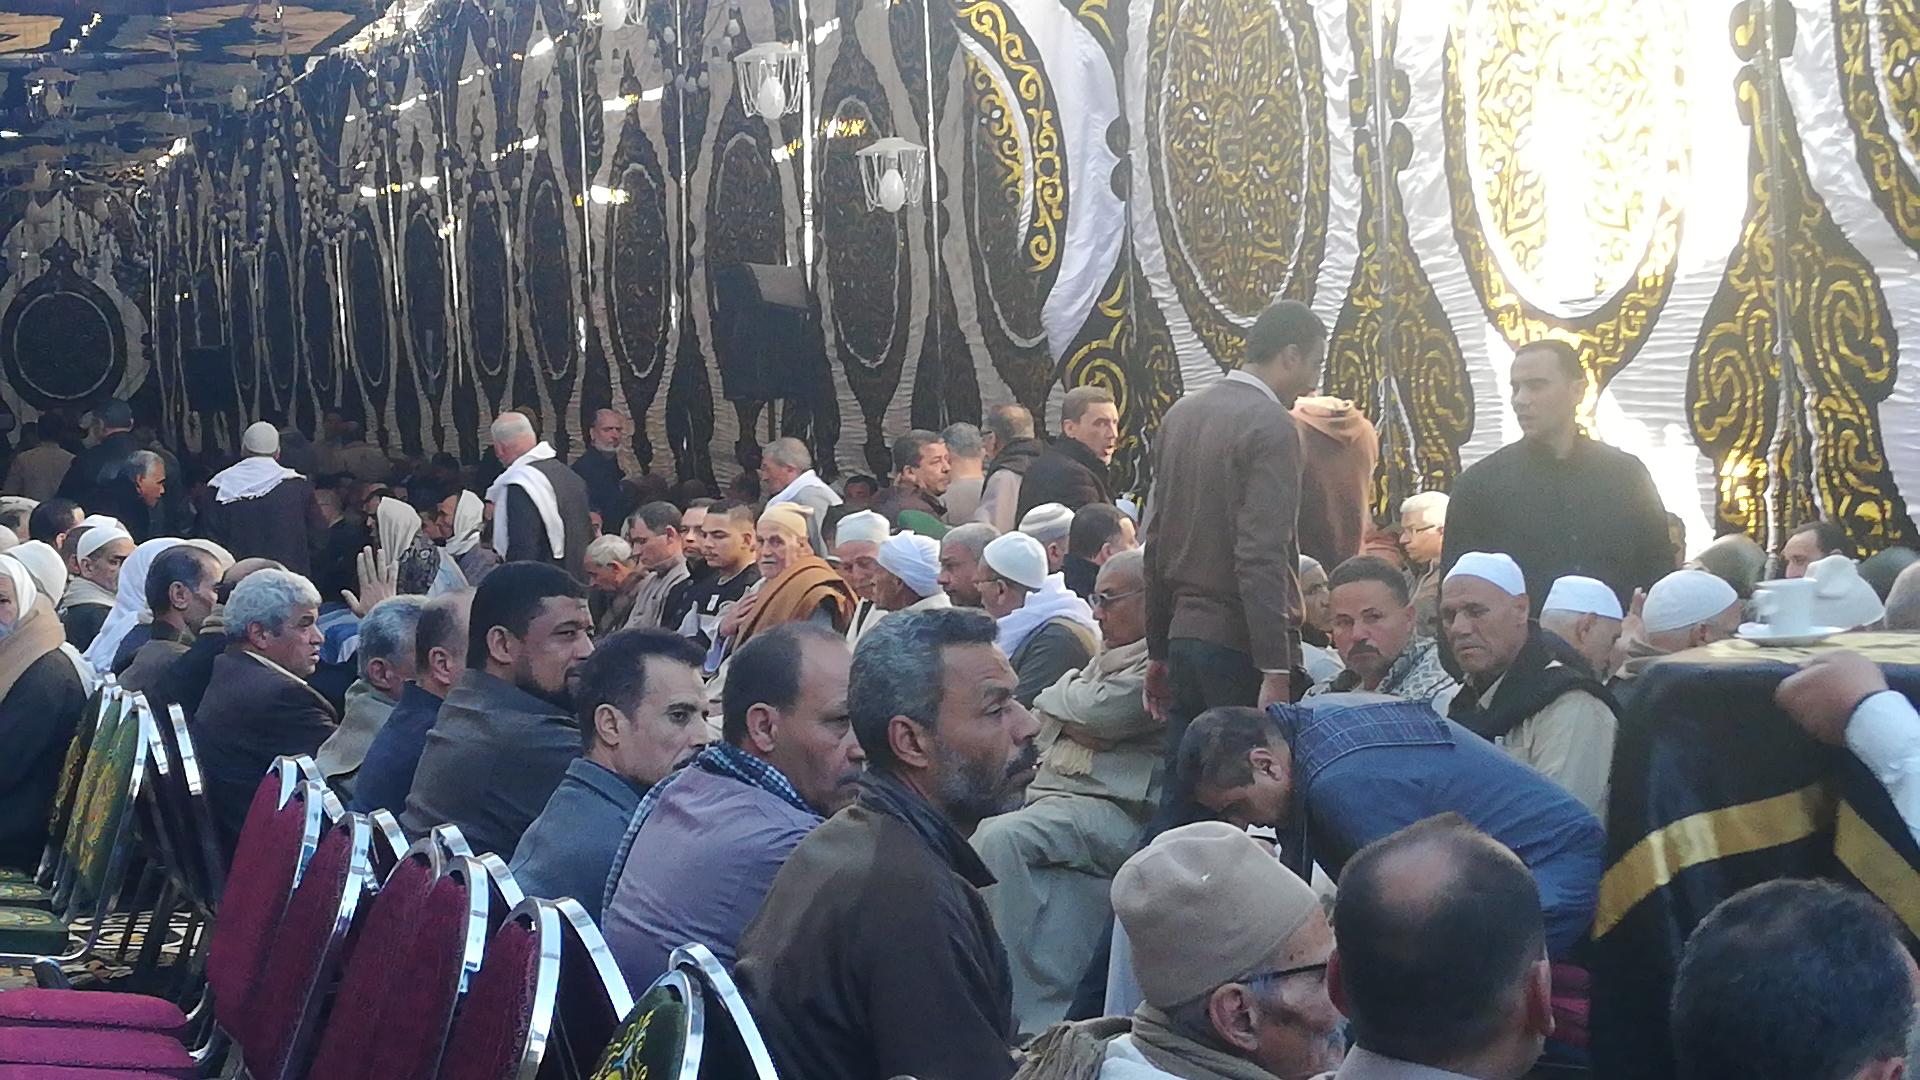 الألاف يؤدون واجب العزاء فى الشهيد مصطفى عبيد بمسقط راسه فى الجيزة (4)